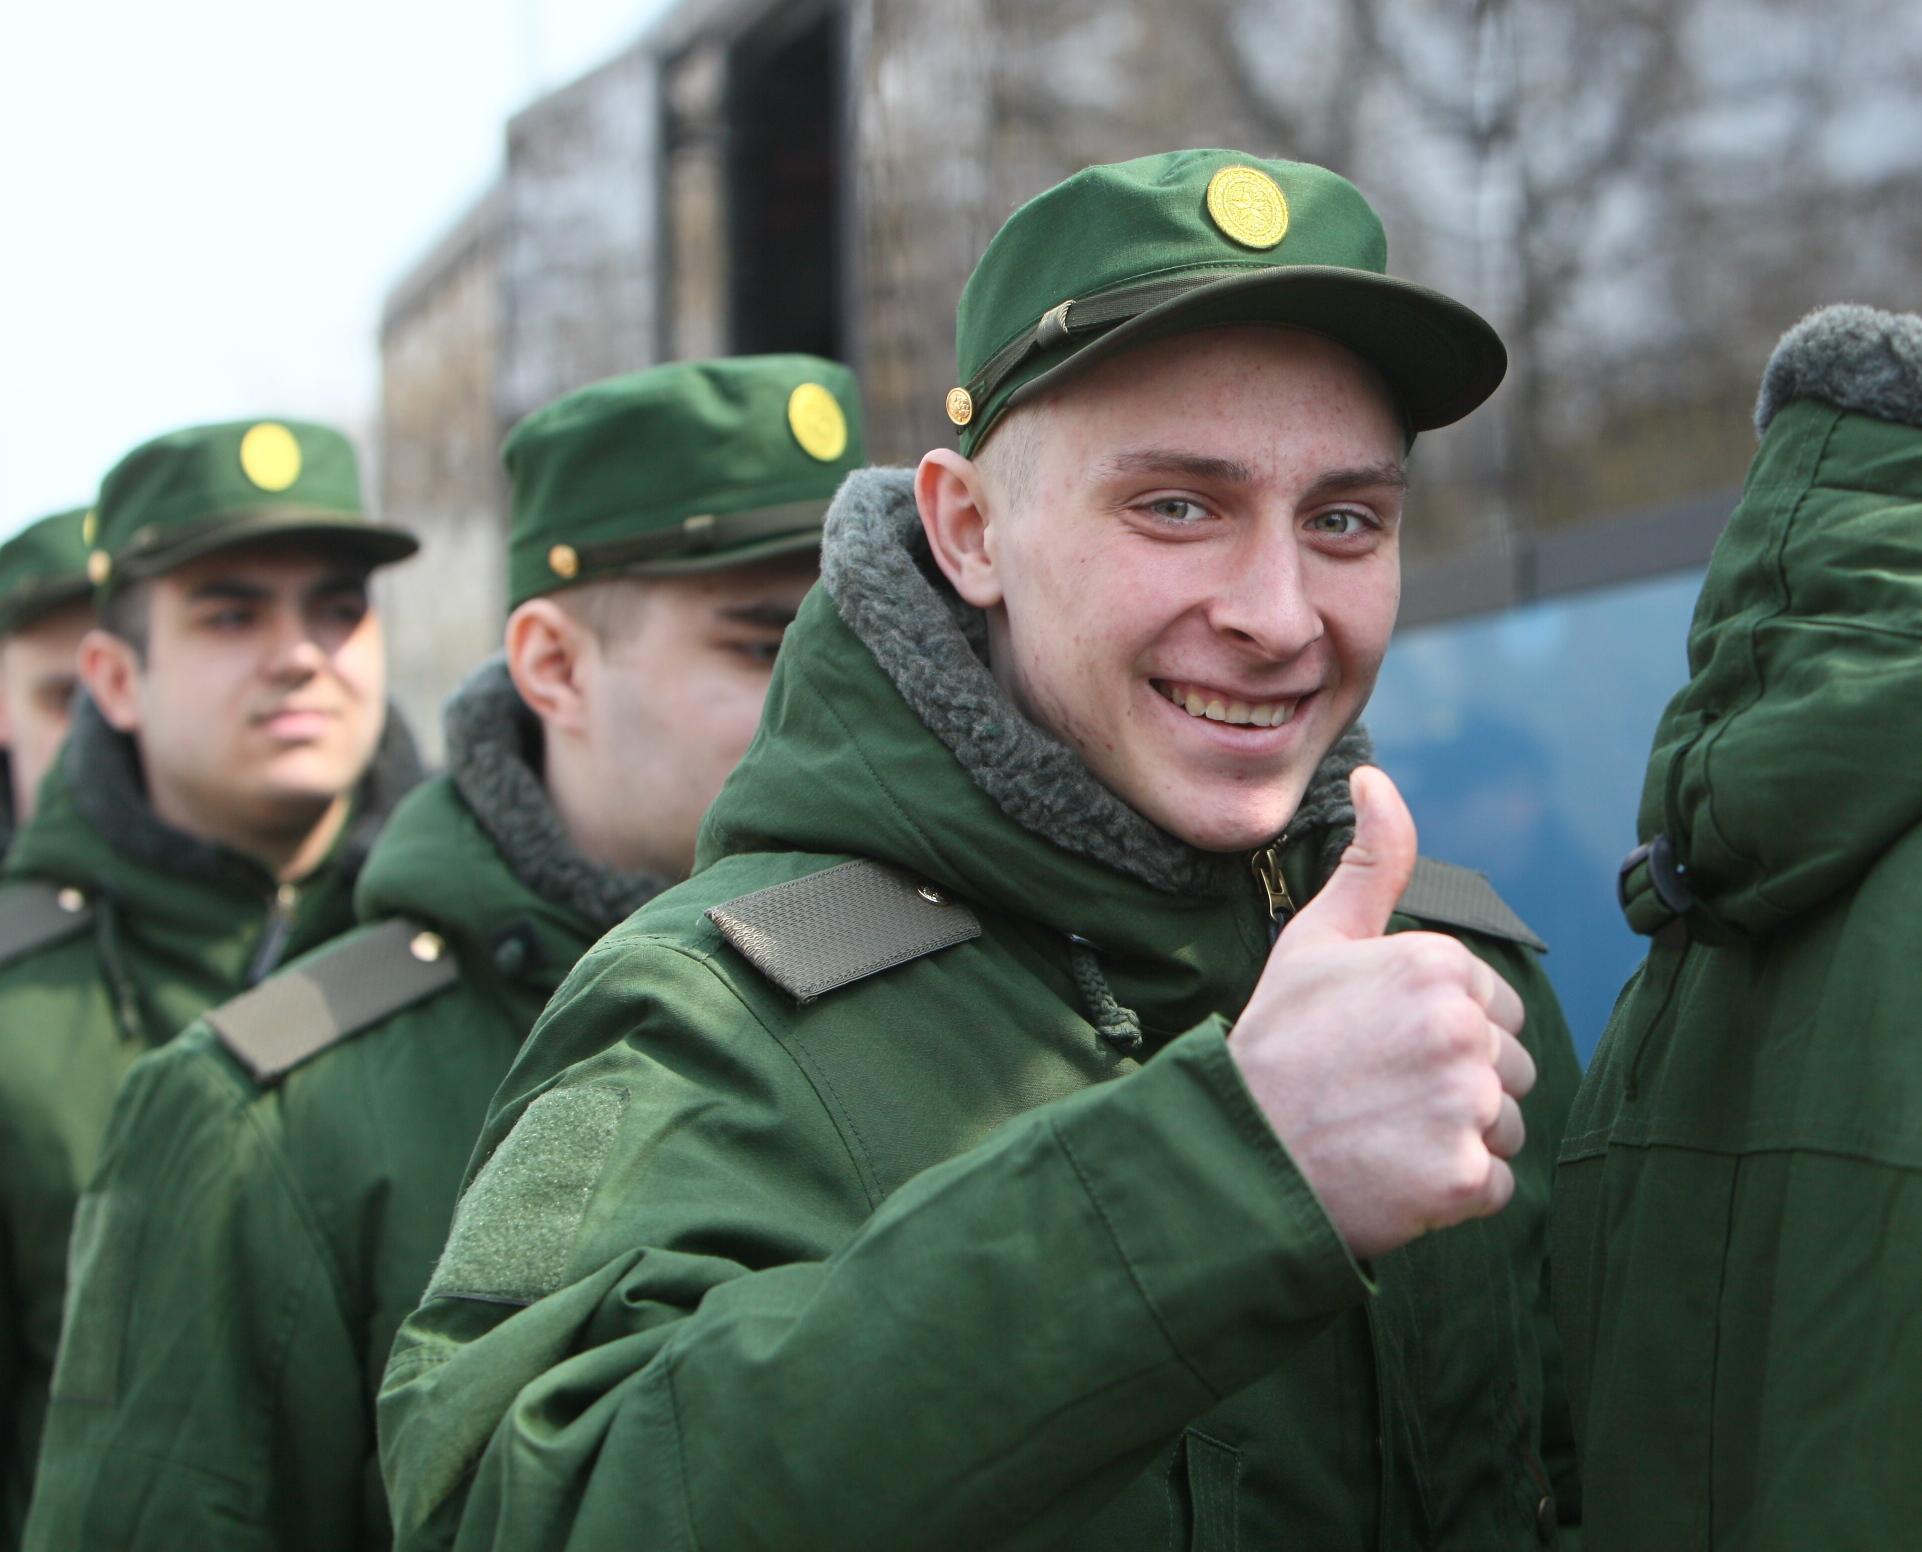 Как включается в стаж служба в армии?